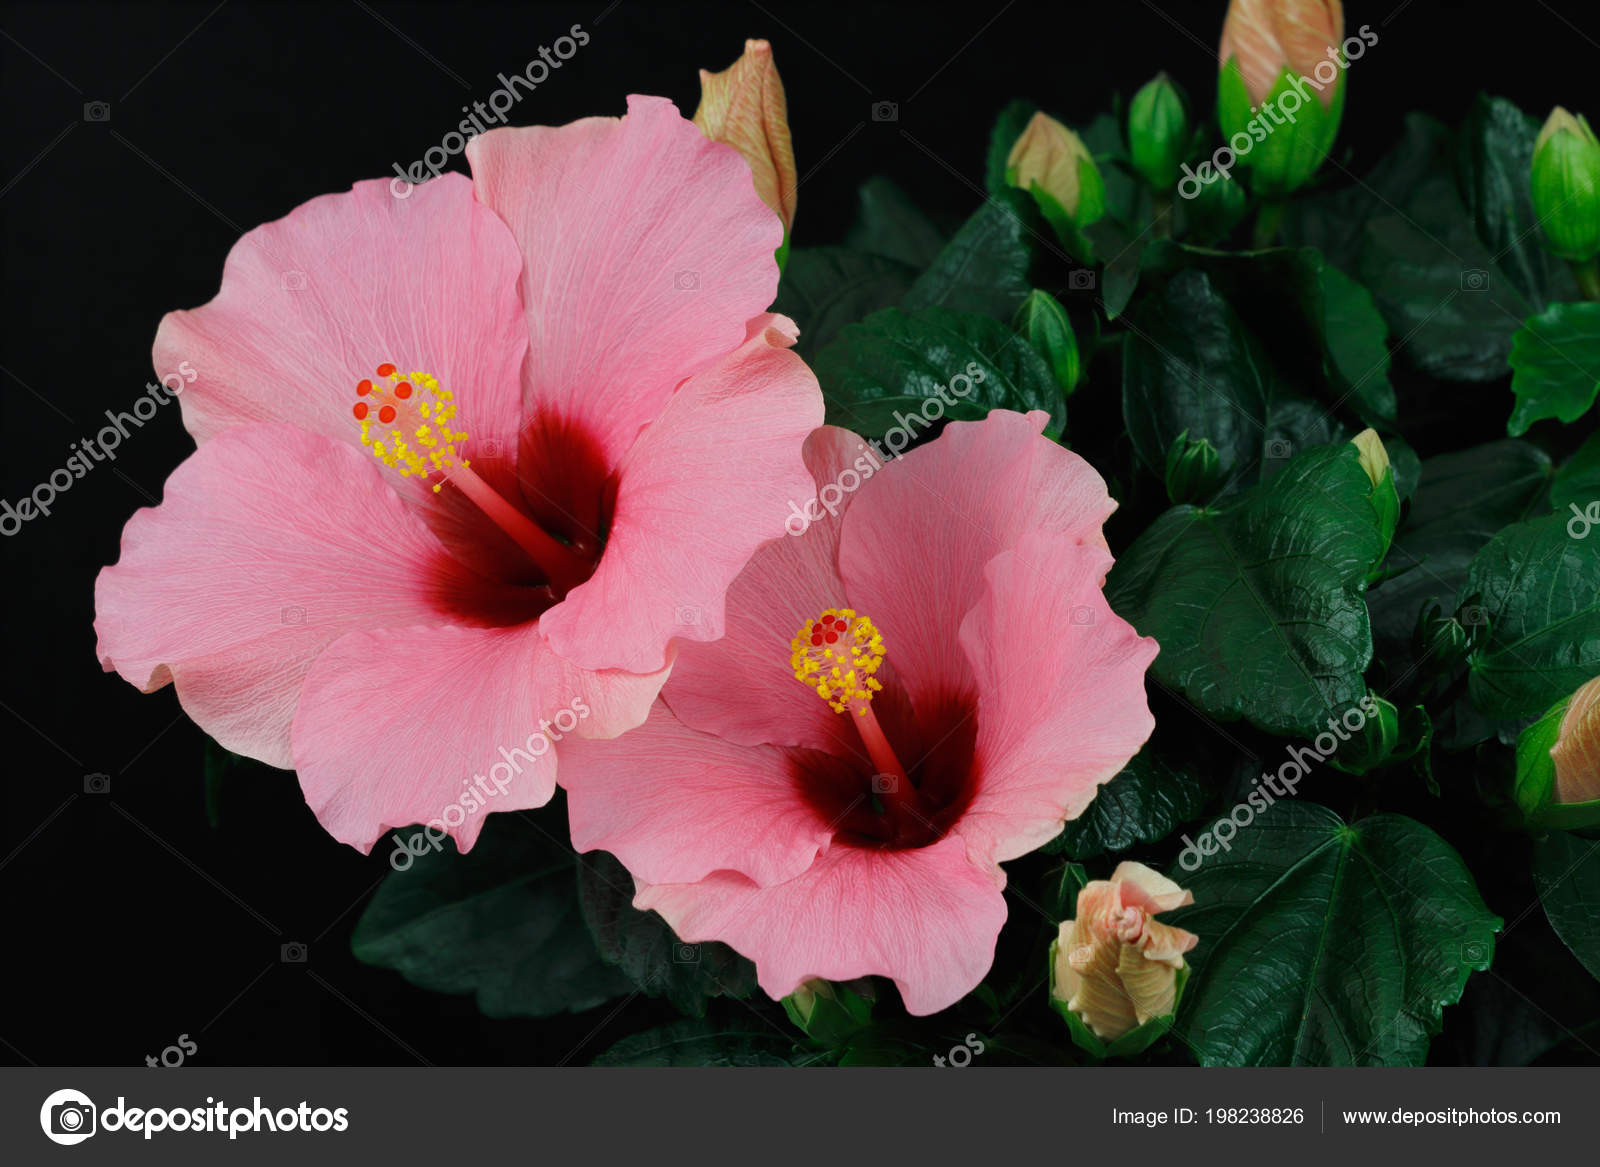 Close rosa sinensis hibiscus flower photography nature stock photo close rosa sinensis hibiscus flower photography nature stock photo izmirmasajfo